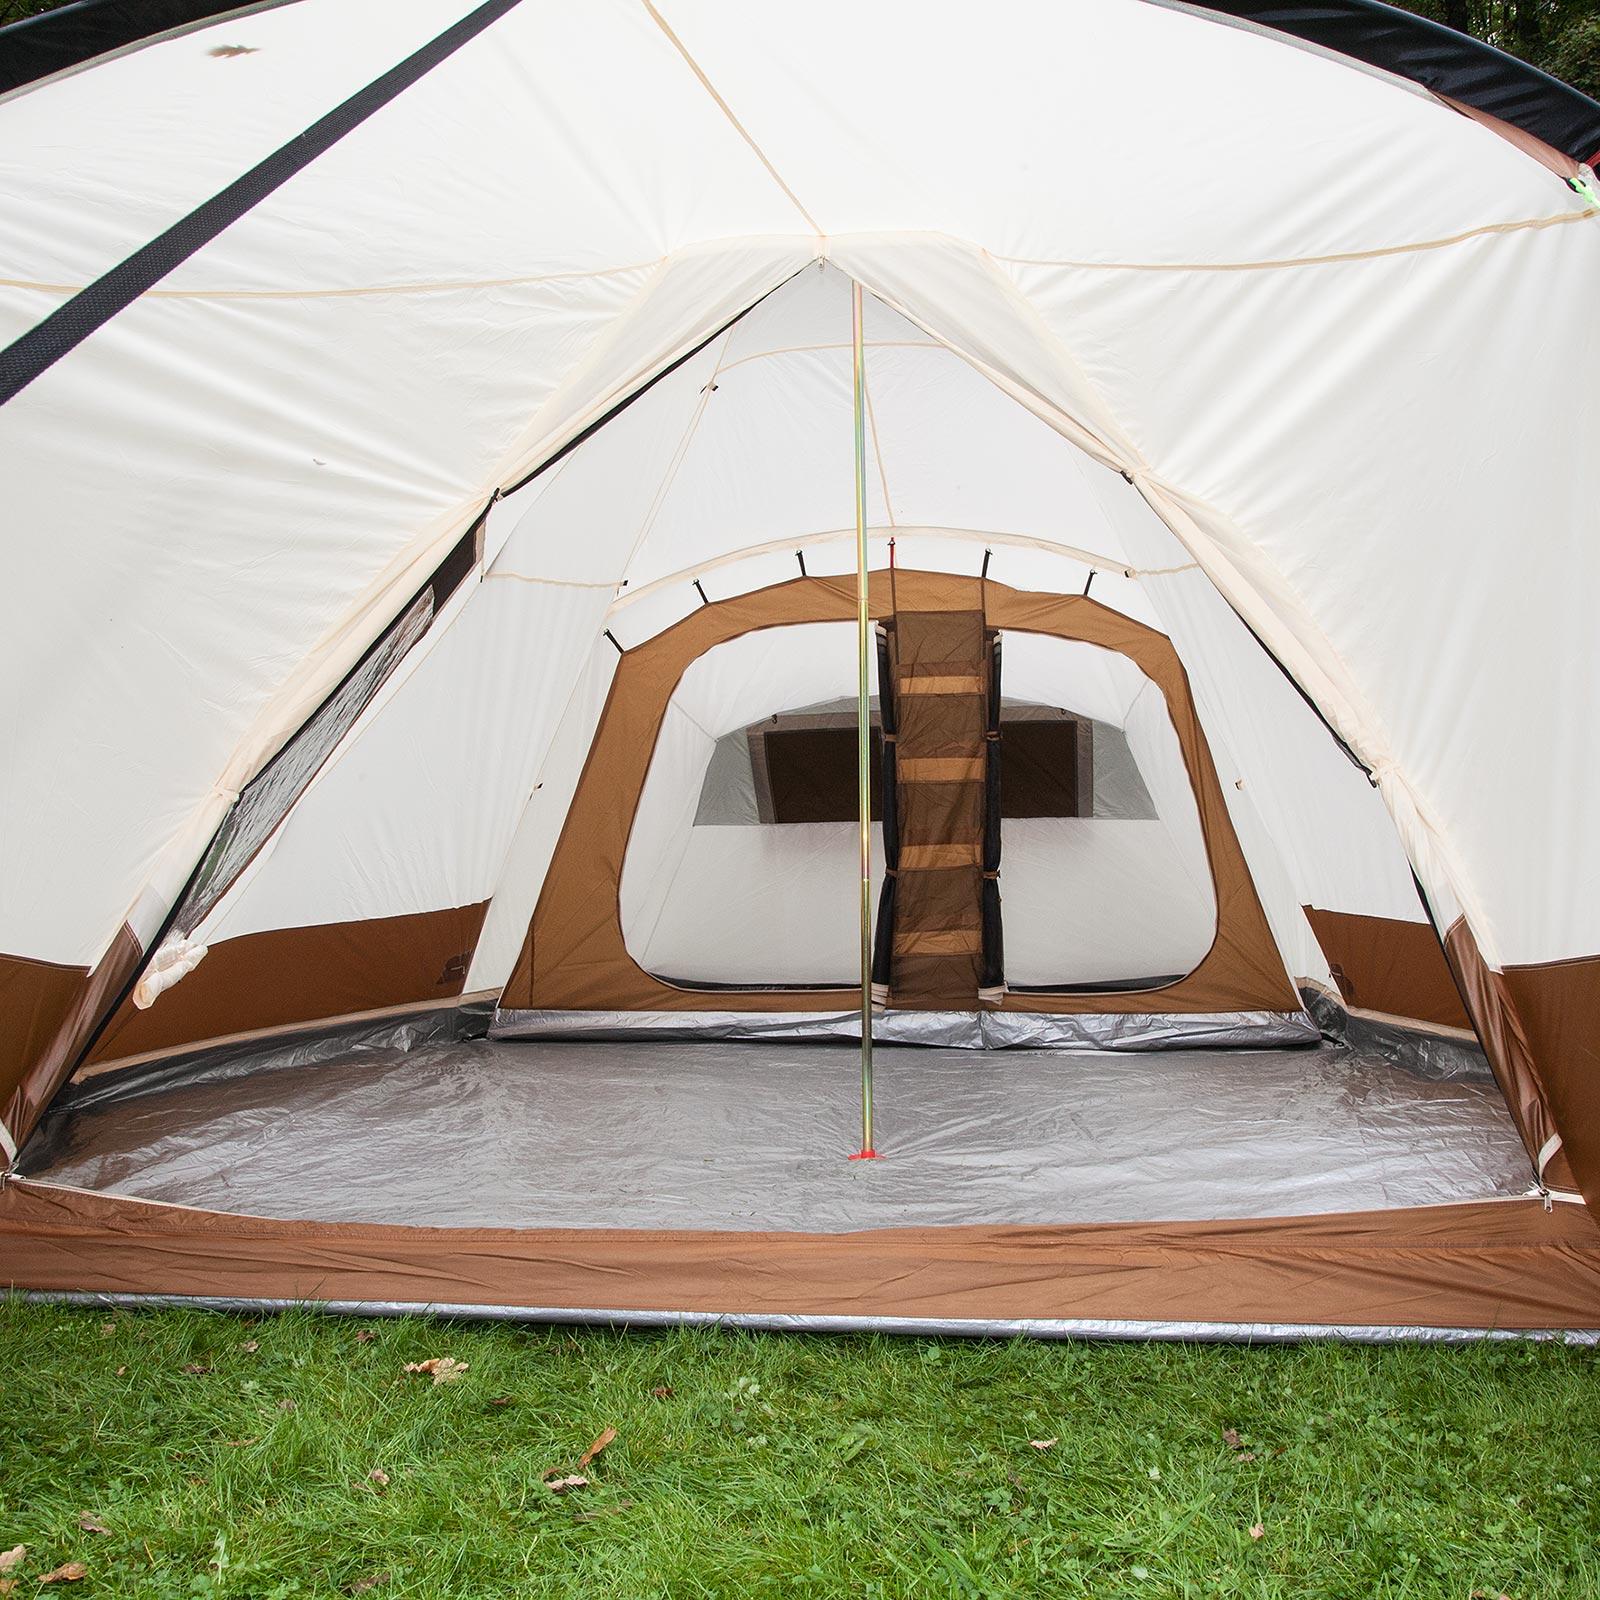 skandika navaho 5 personen indianer zelt tipi familienzelt 720x470cm braun neu eur 216 01. Black Bedroom Furniture Sets. Home Design Ideas